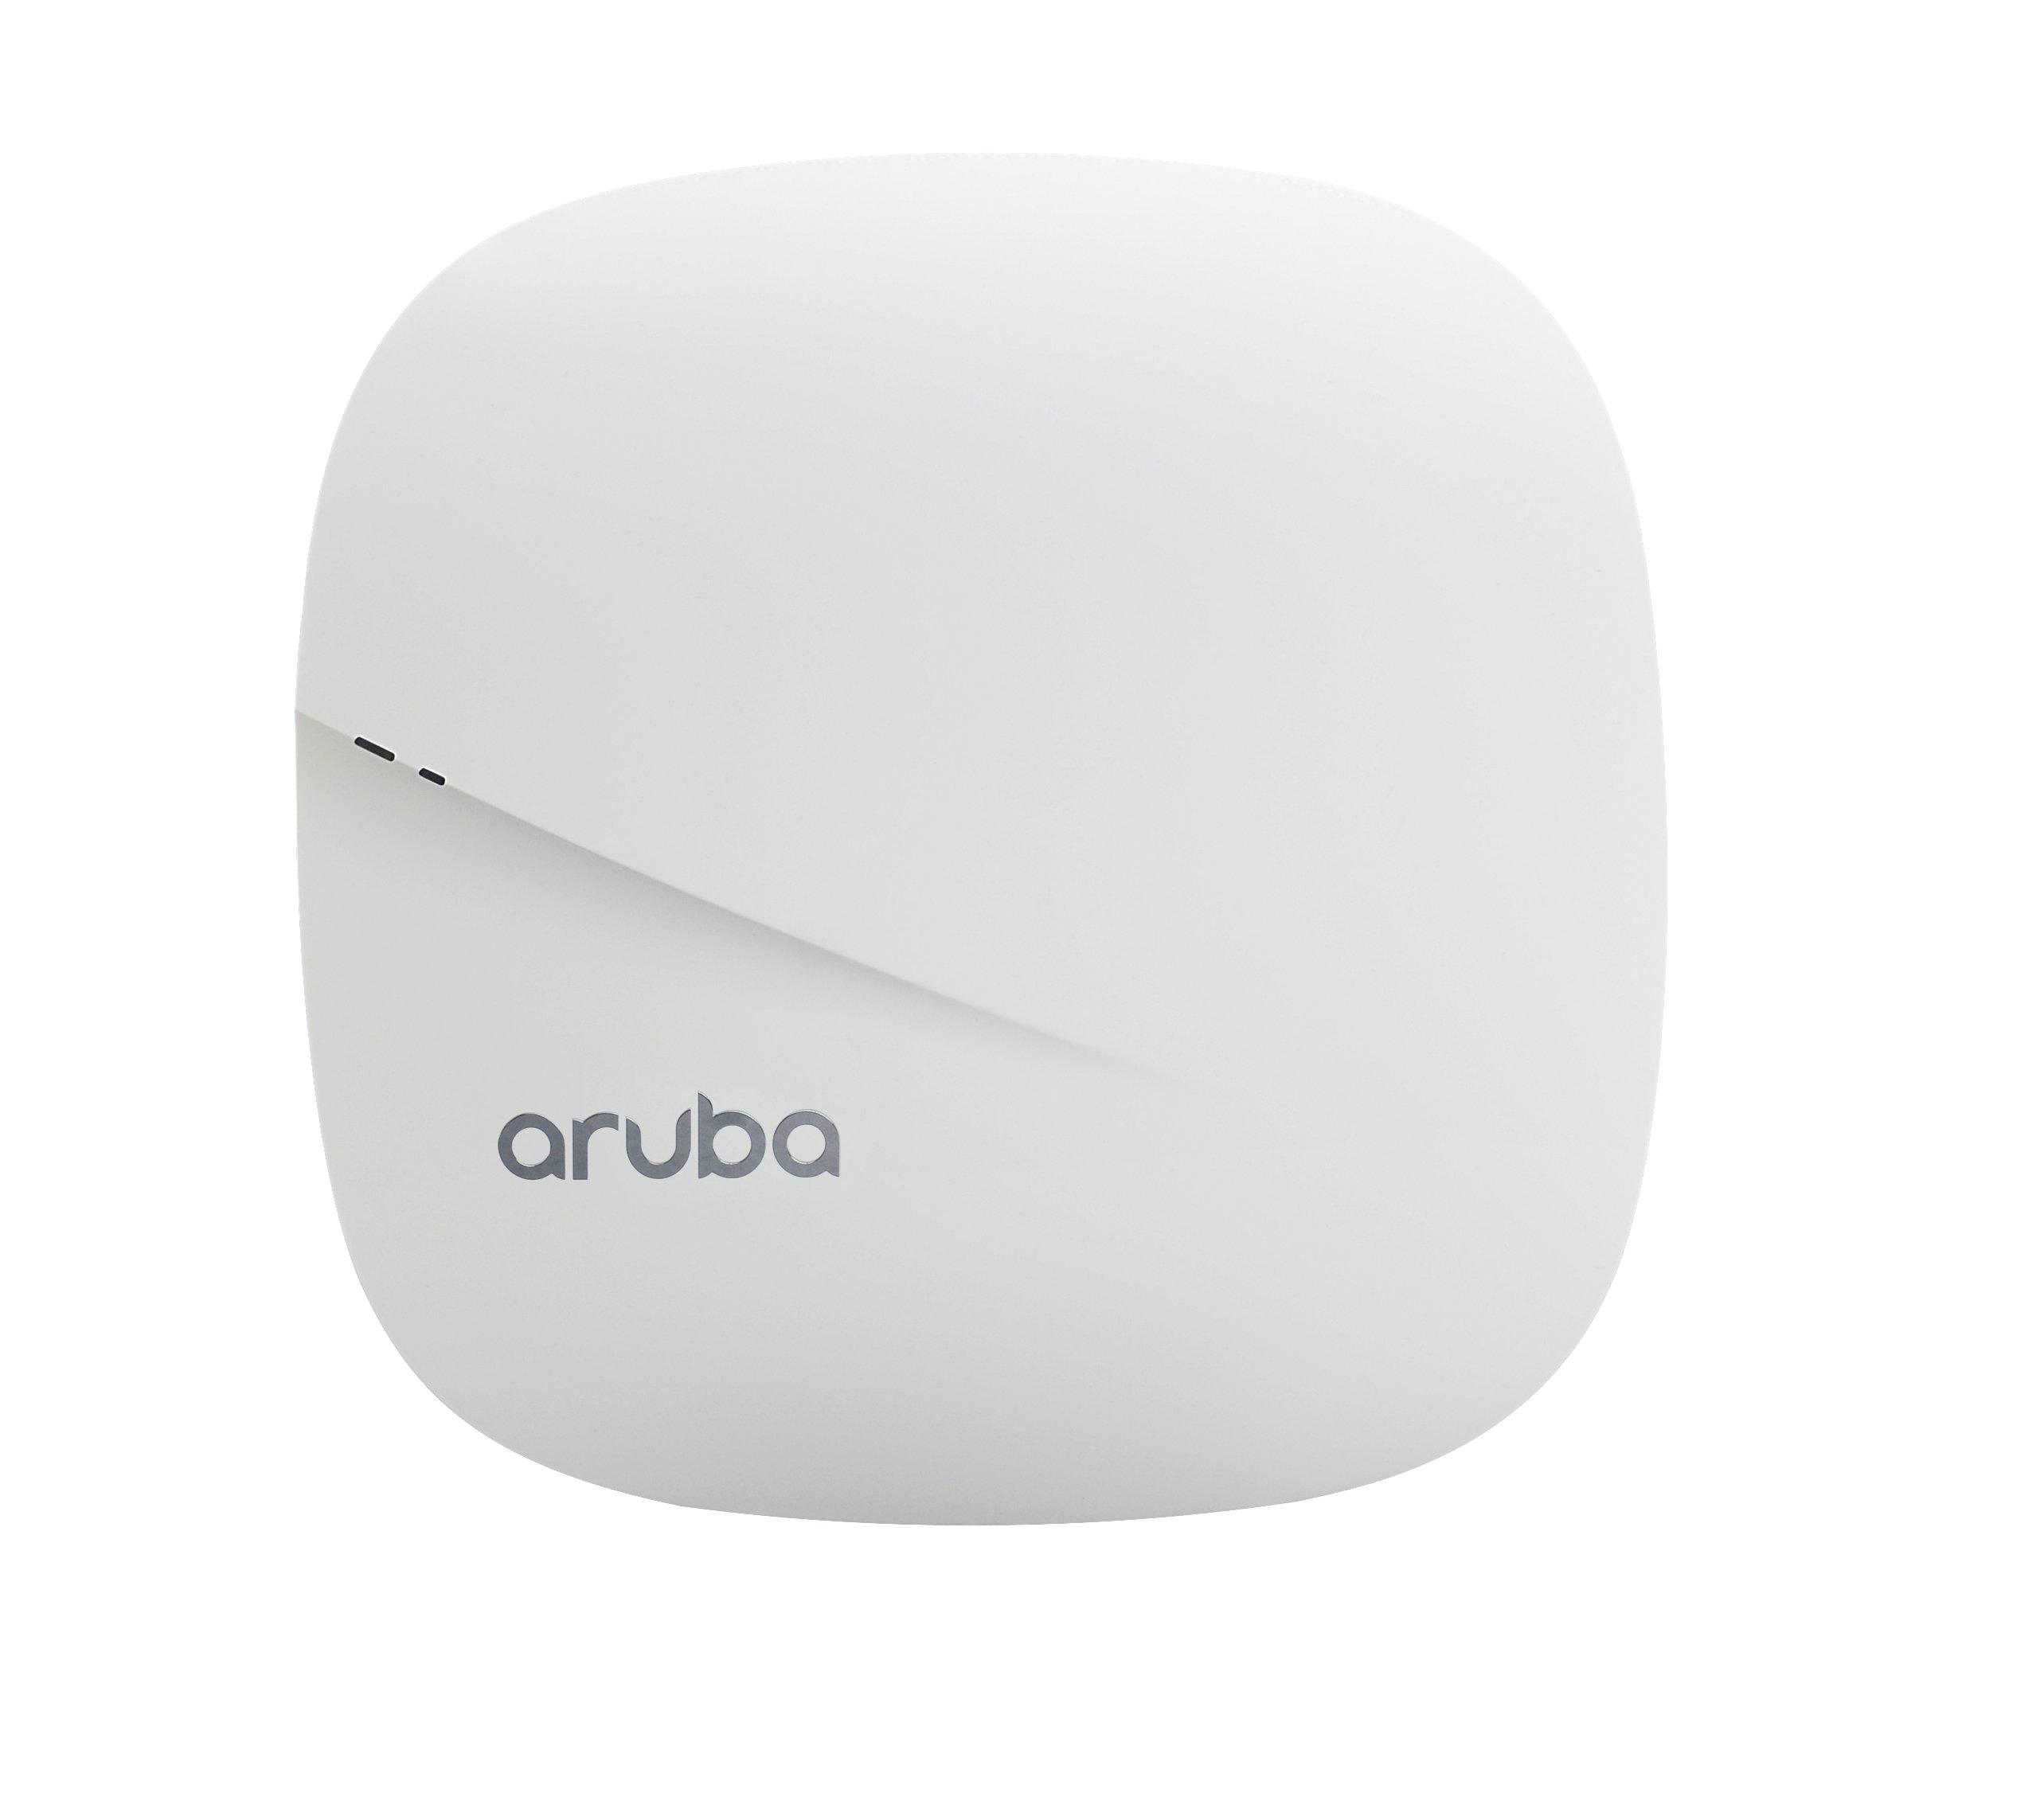 HP Enterprise Aruba Instant IAP-305 (RW) - 1600 Mbit/s - 300 Mbit/s - 1300 Mbit/s - 10,100,1000 Mbit/s - IEEE 802.11ac,IEEE 802.11ad,IEEE 802.11b,IEEE 802.11g,IEEE 802.11n,IEEE 802.3af,IEEE 802.3at,IEEE... - Multi User MIMO